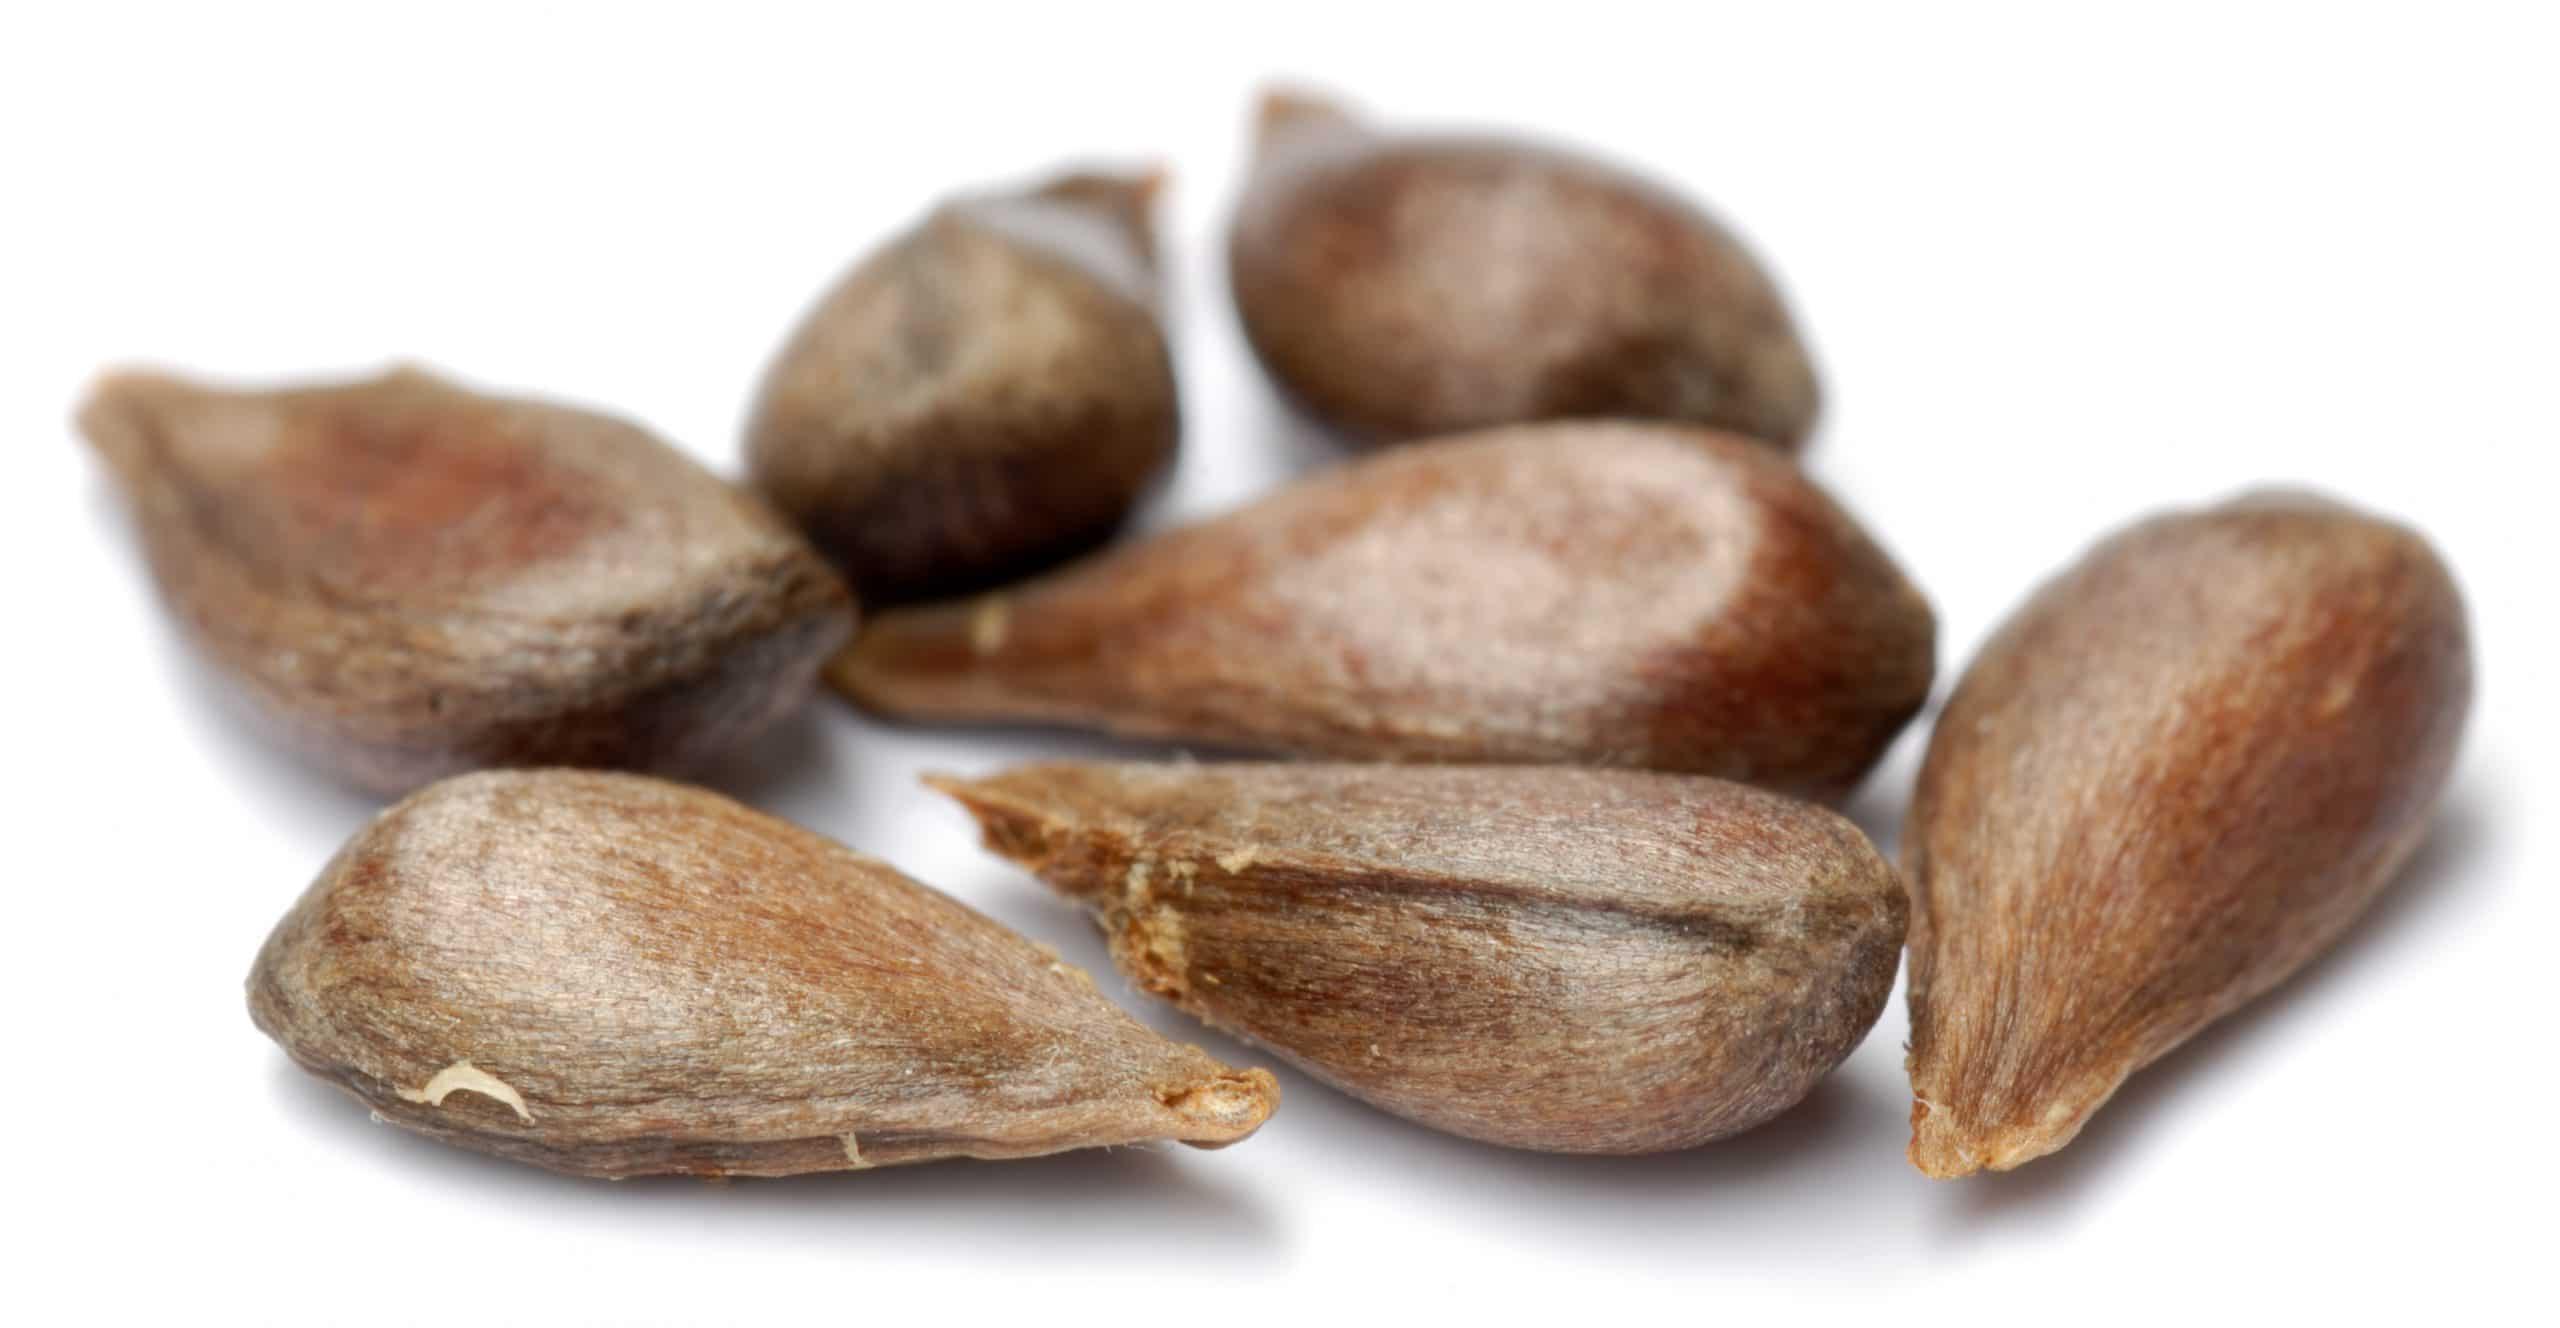 Las semillas pueden germinar más rápido con tratamientos pregerminativos